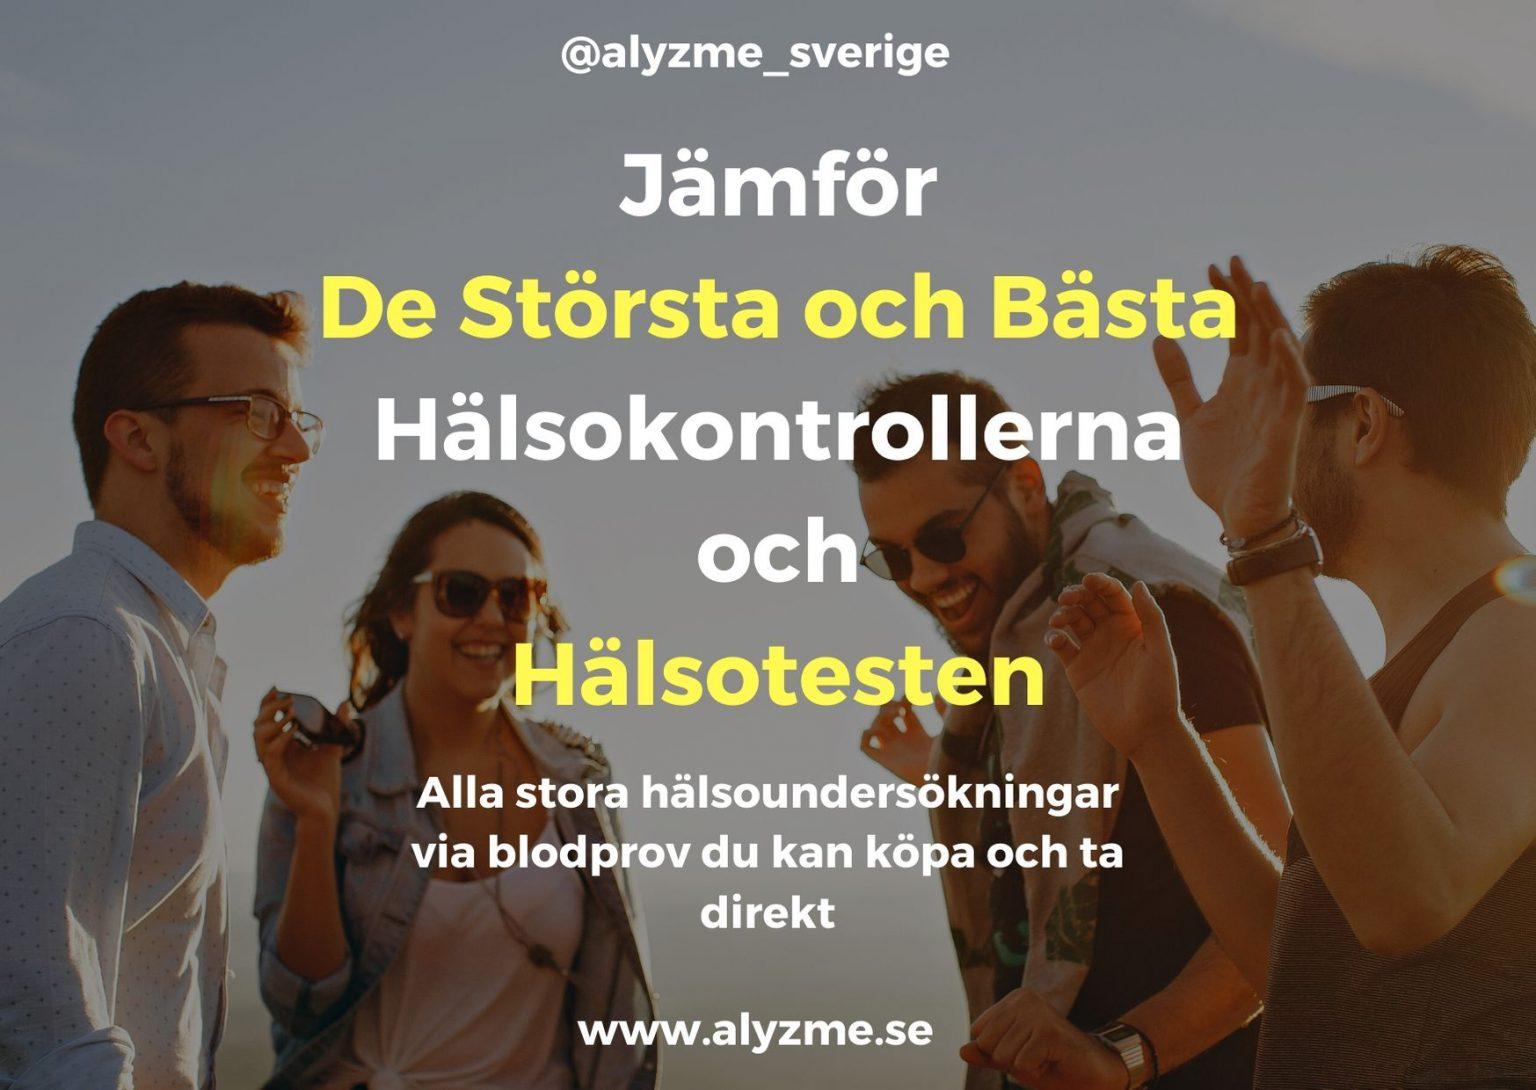 Alla stora och bästa hälsokontroll, hälsoundersökning, hälsotest blodprov lista priser analyser tester - alyzme.se